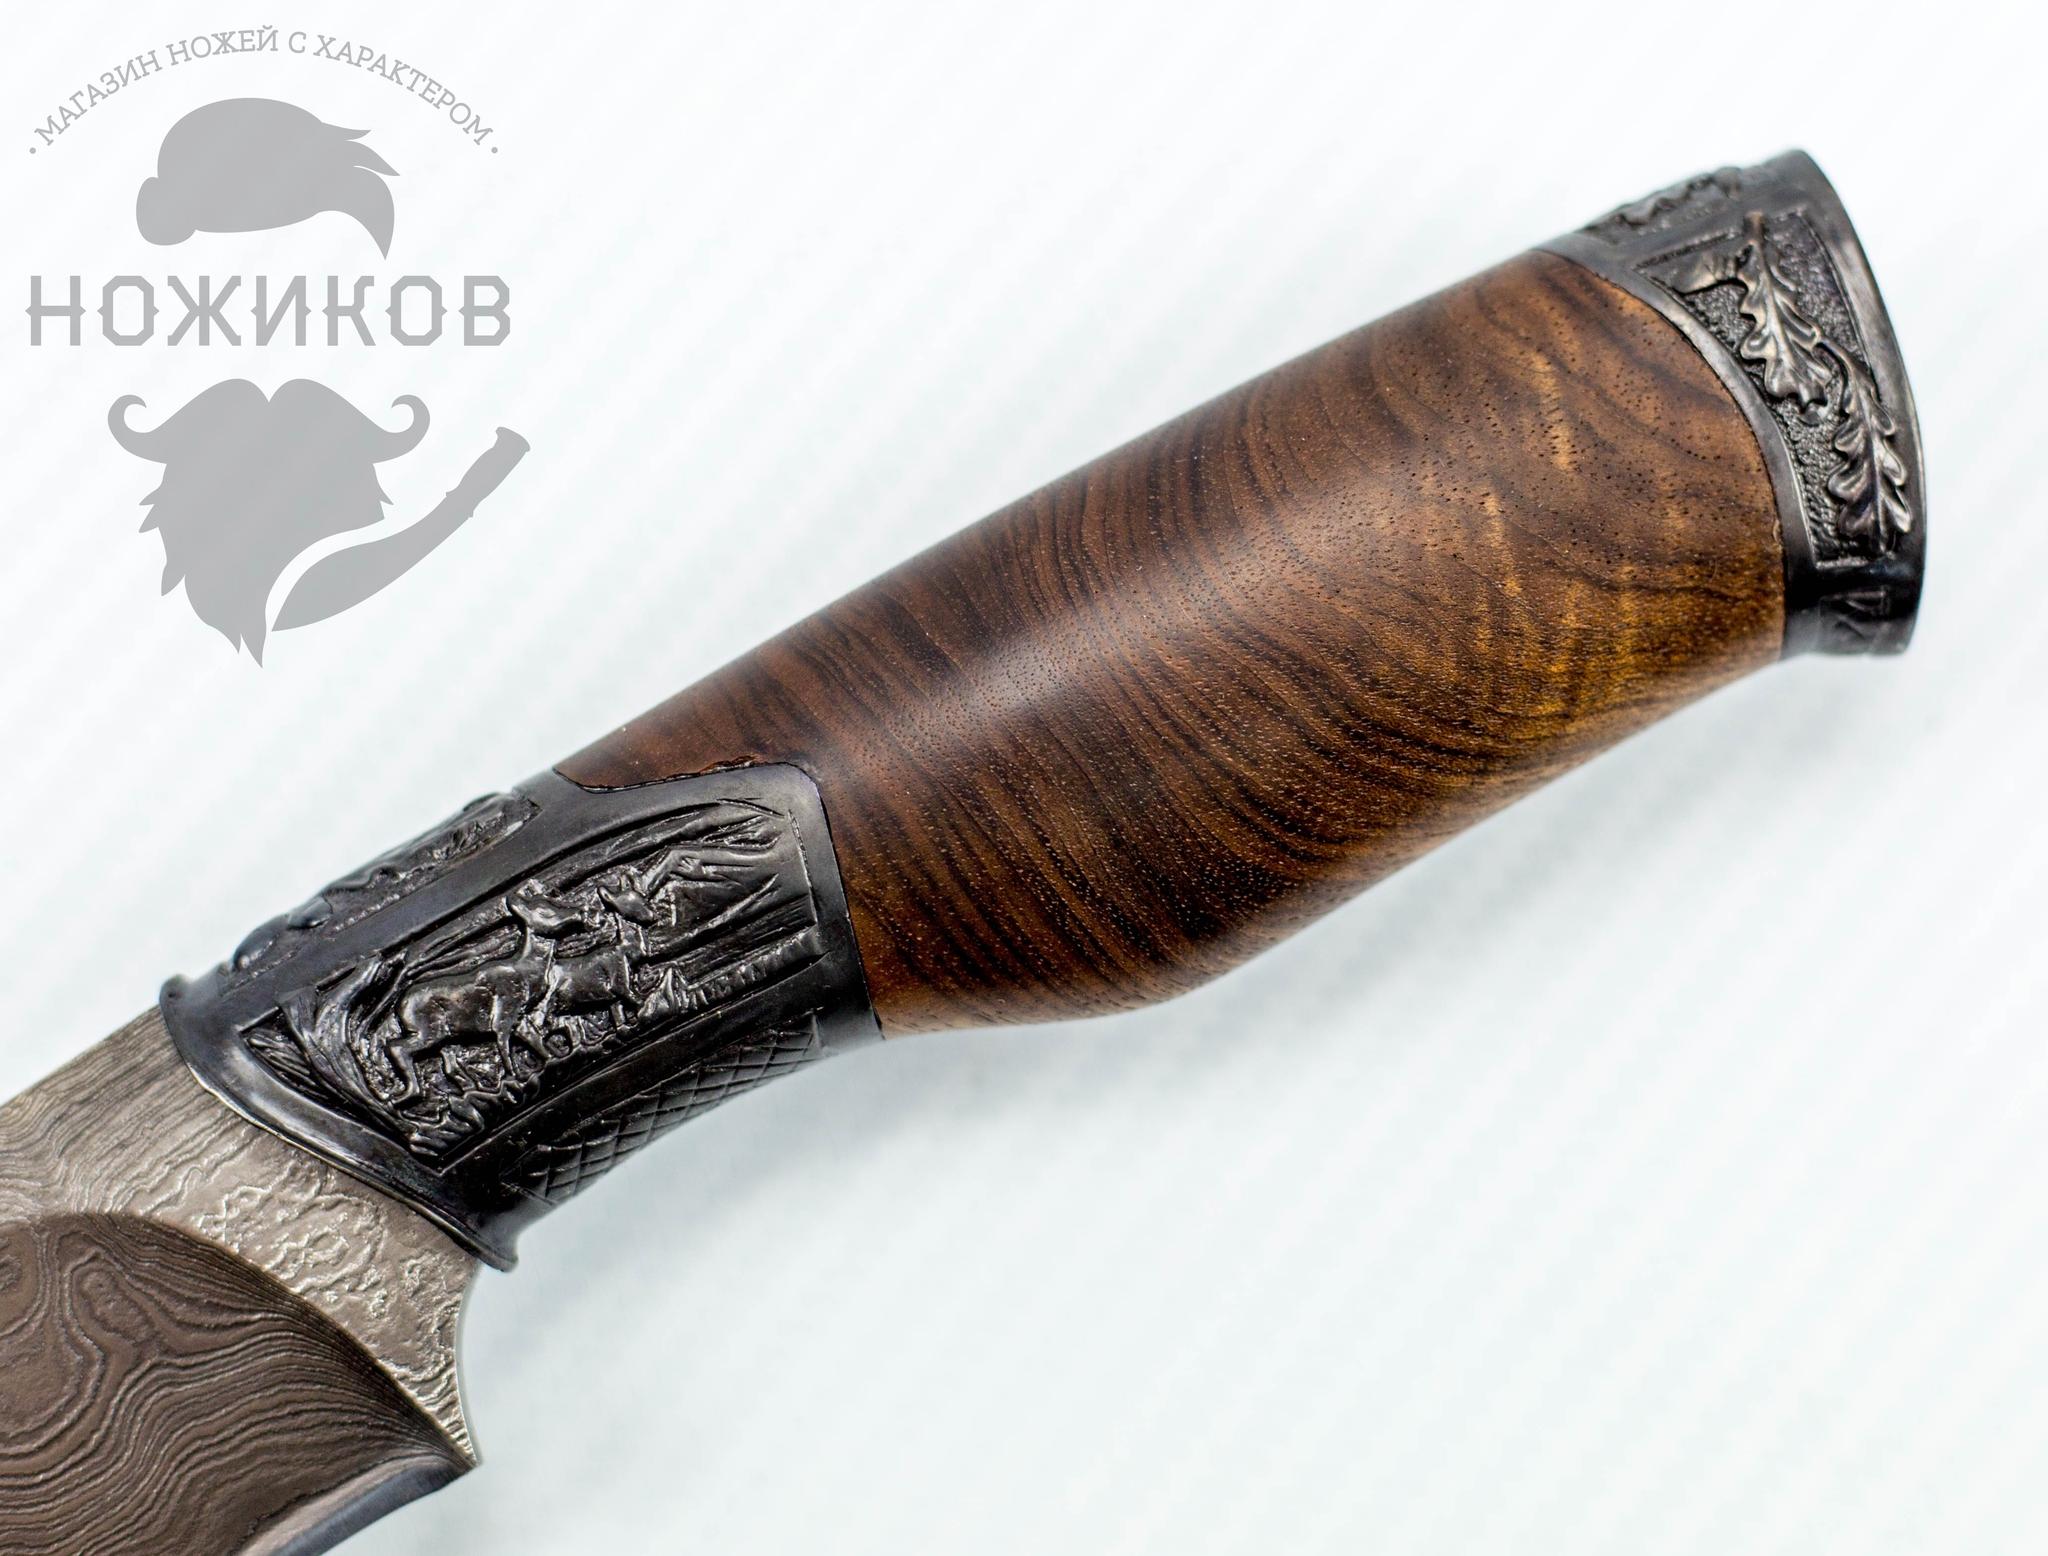 Фото 3 - Авторский Нож из Дамаска №85, Кизляр от Noname